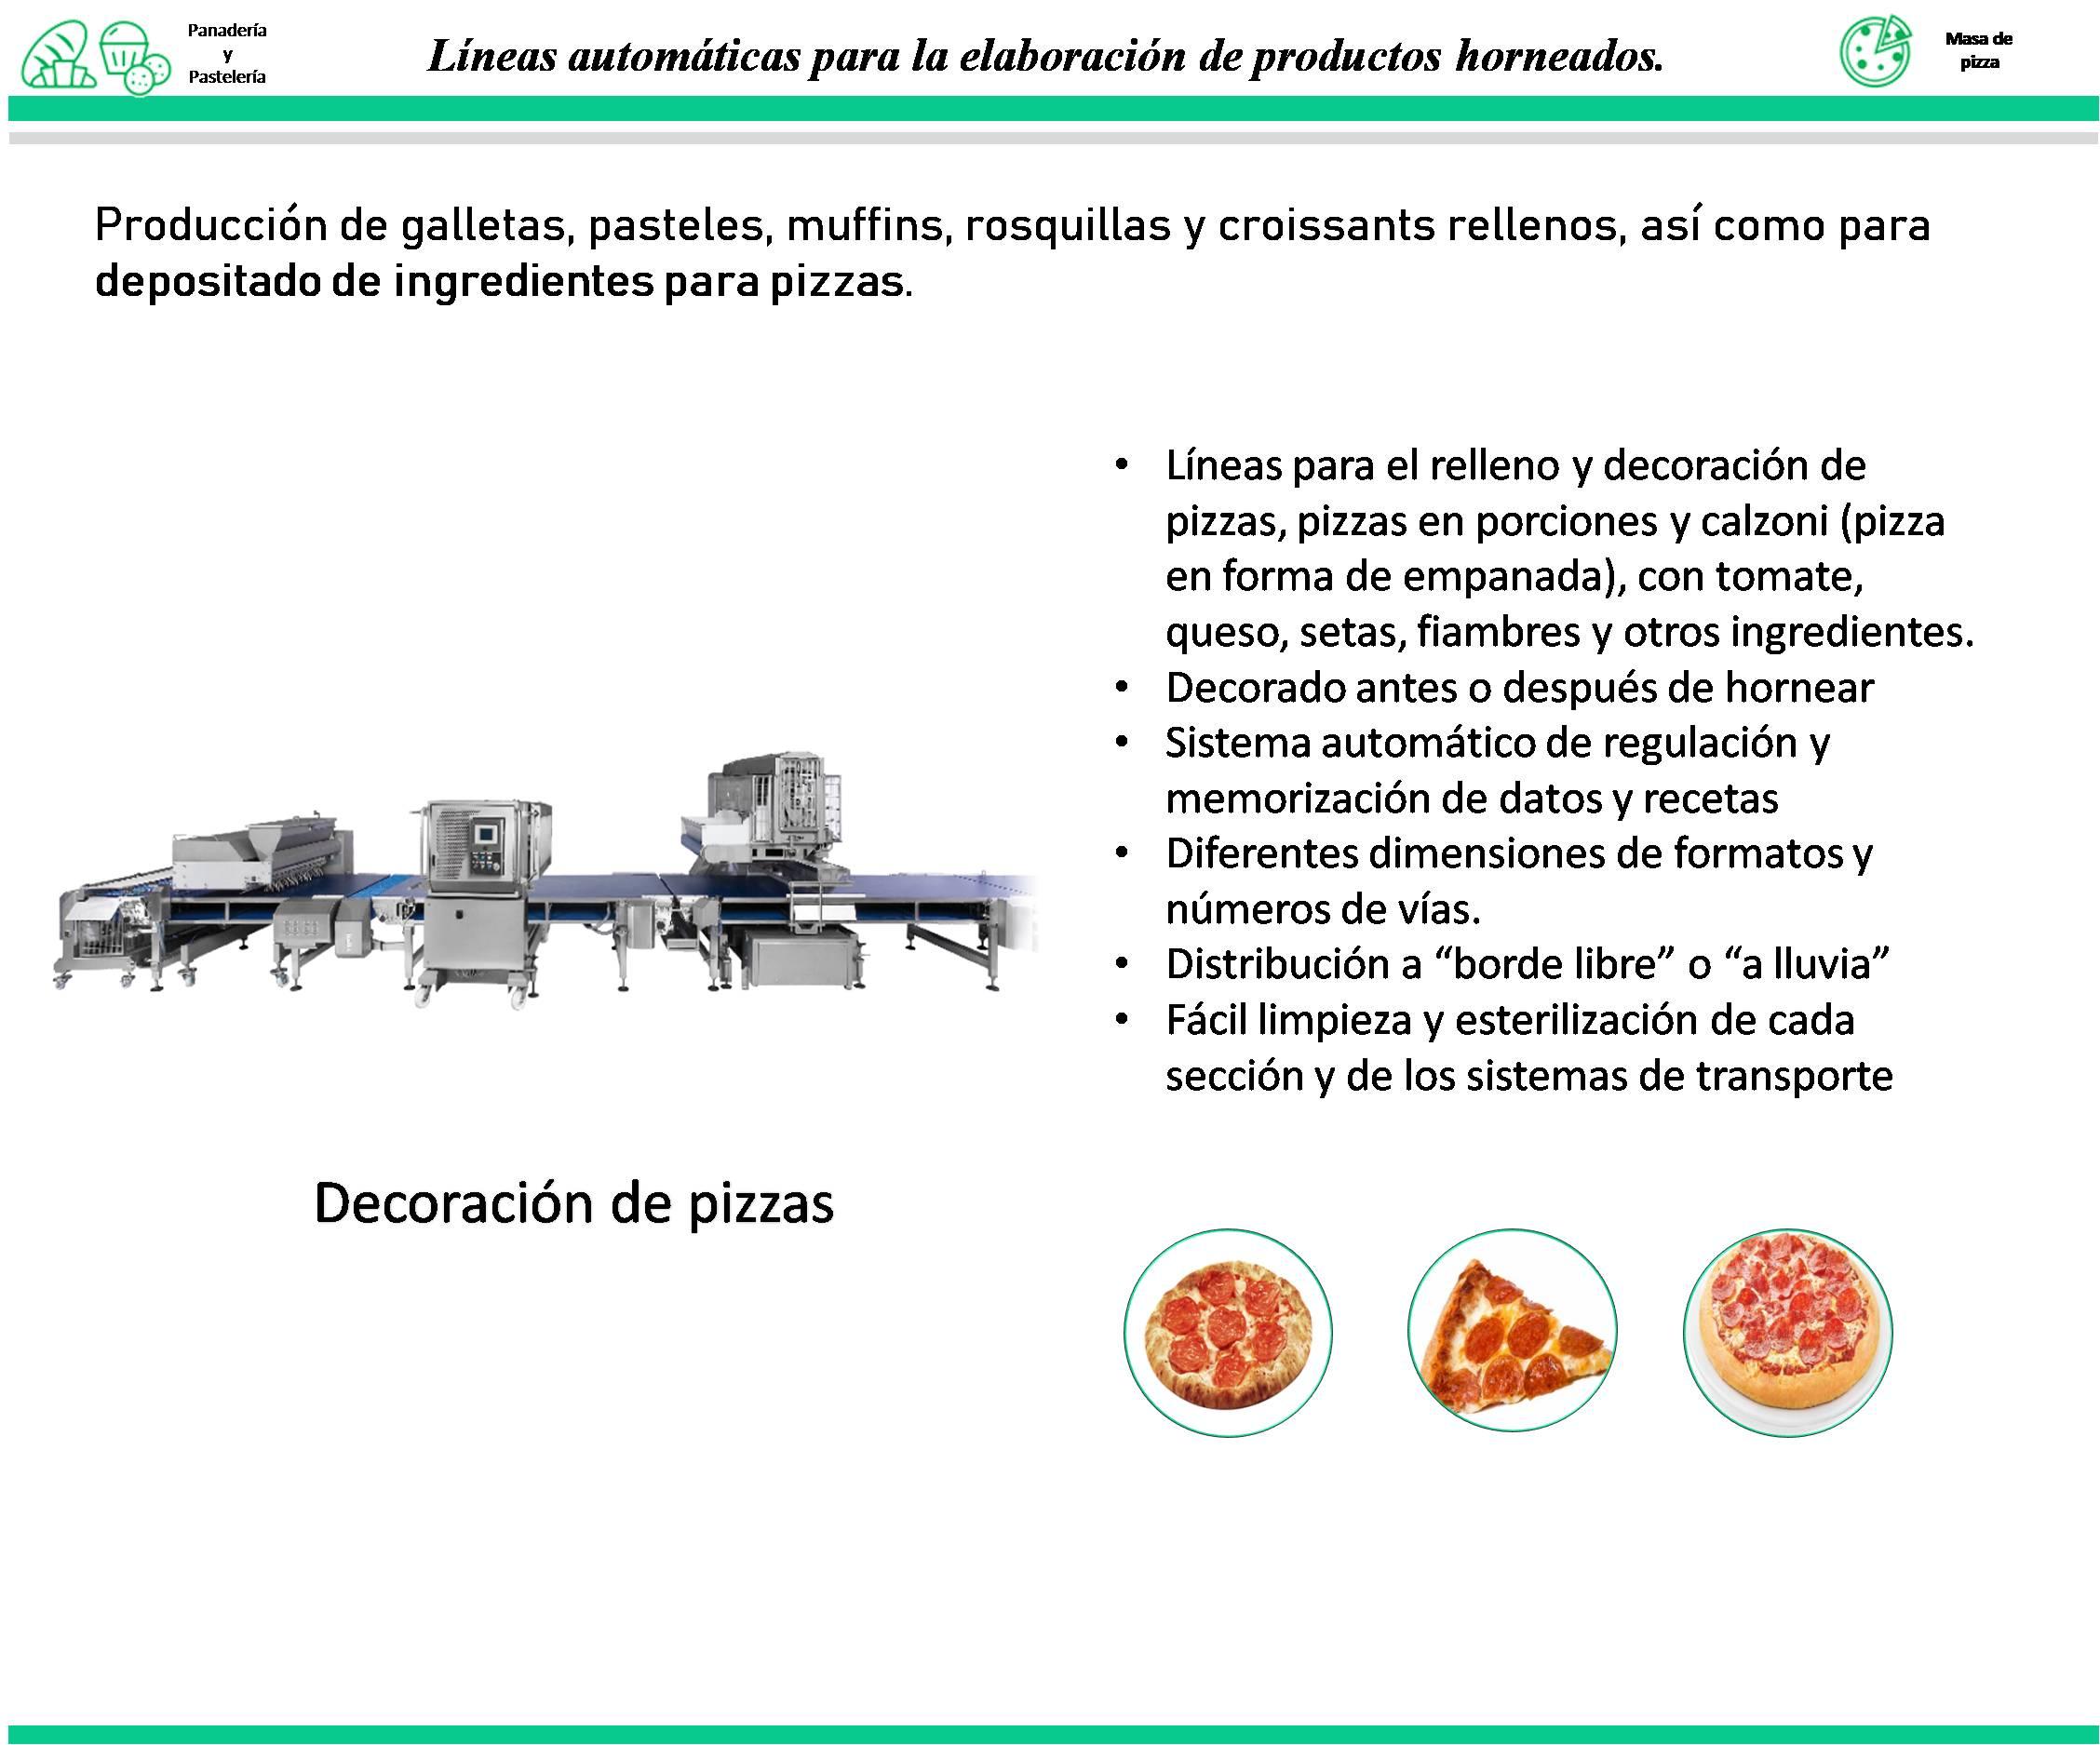 https://0201.nccdn.net/1_2/000/000/0af/e0a/bakery-pizza.jpg